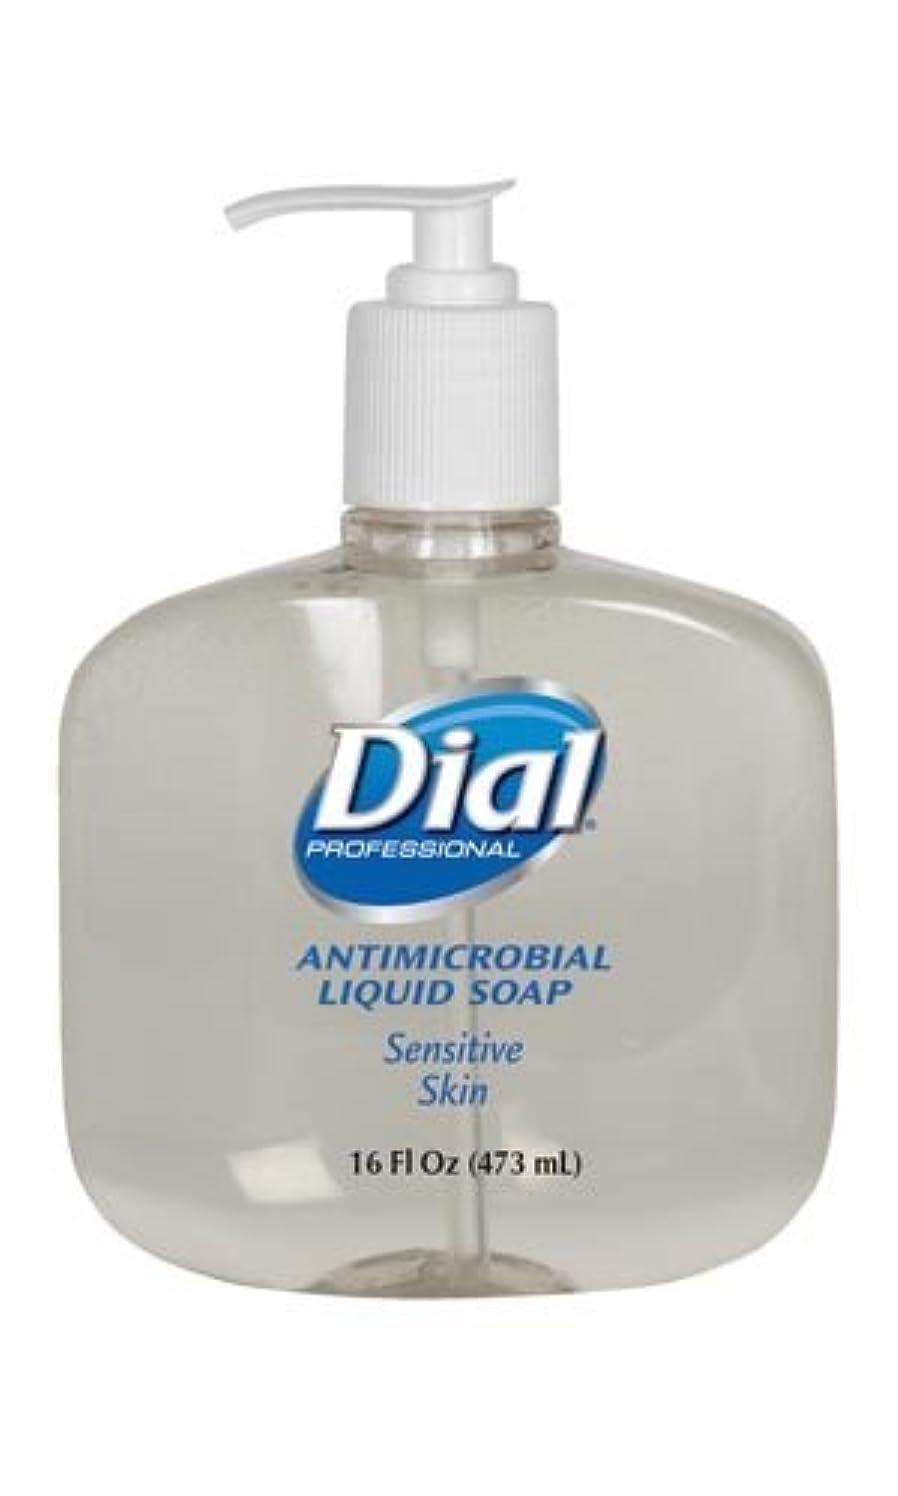 しつけ業界バケットダイヤルゴールドLiquid Soap液体石鹸、ポンプ、16オンス、12 / CS ( 2340080784 )